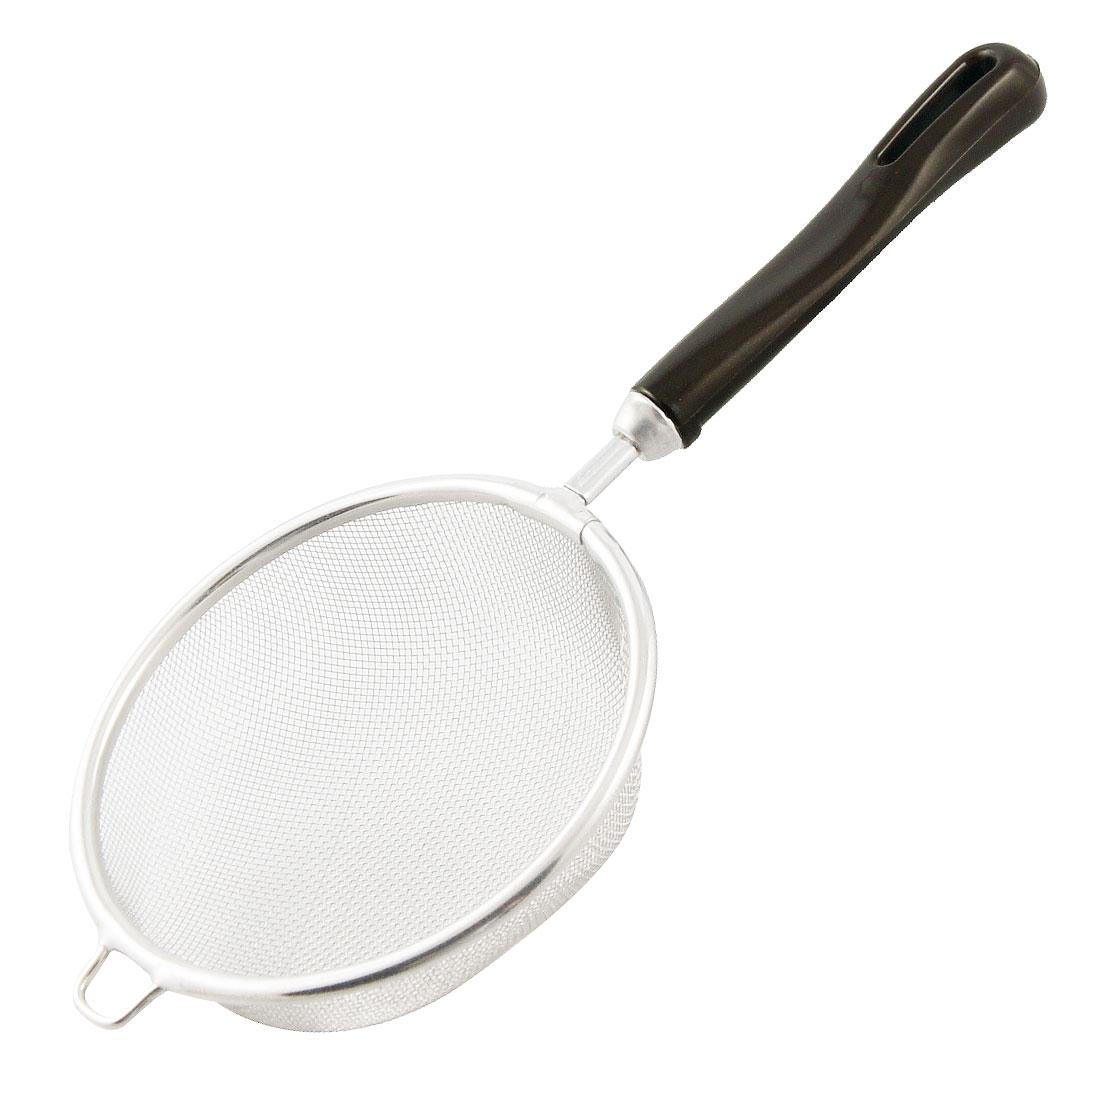 Black Plastic Handle 10cm Dia Hollow Handle Kitchen Strainer Ladle